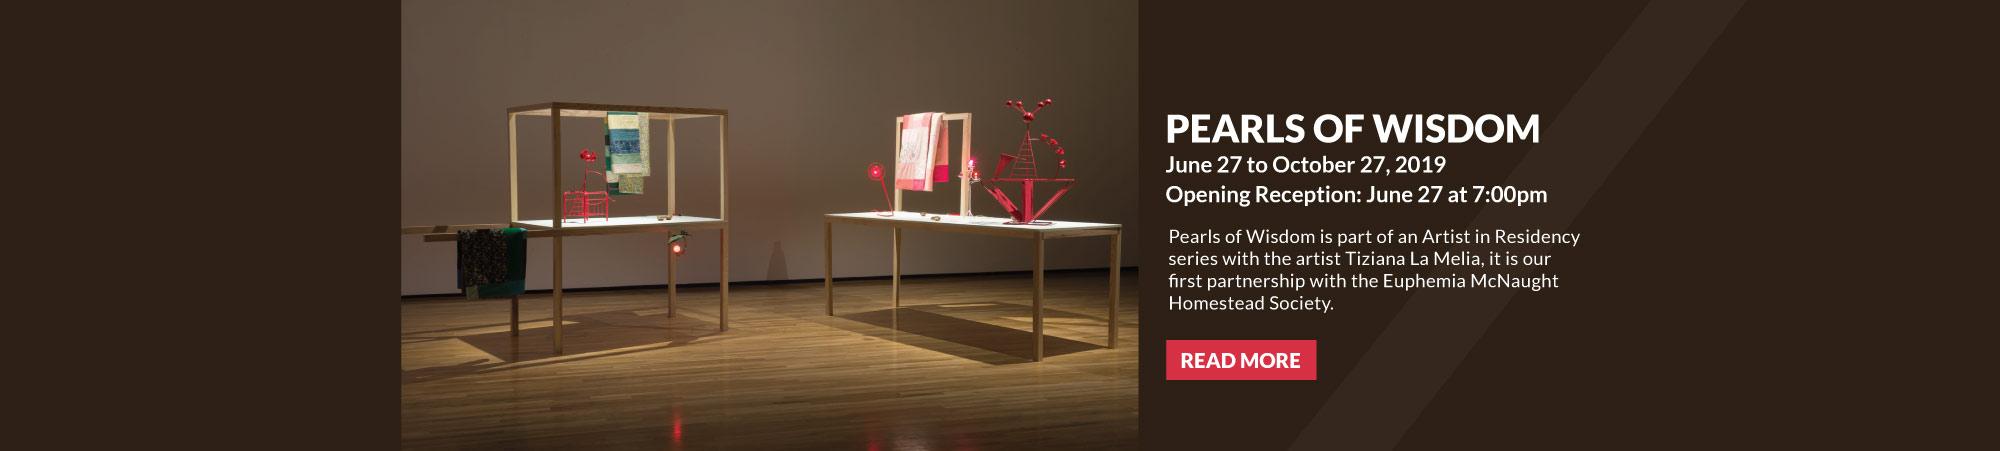 AGGP - Pearls of Wisdom, Grande Prairie AB